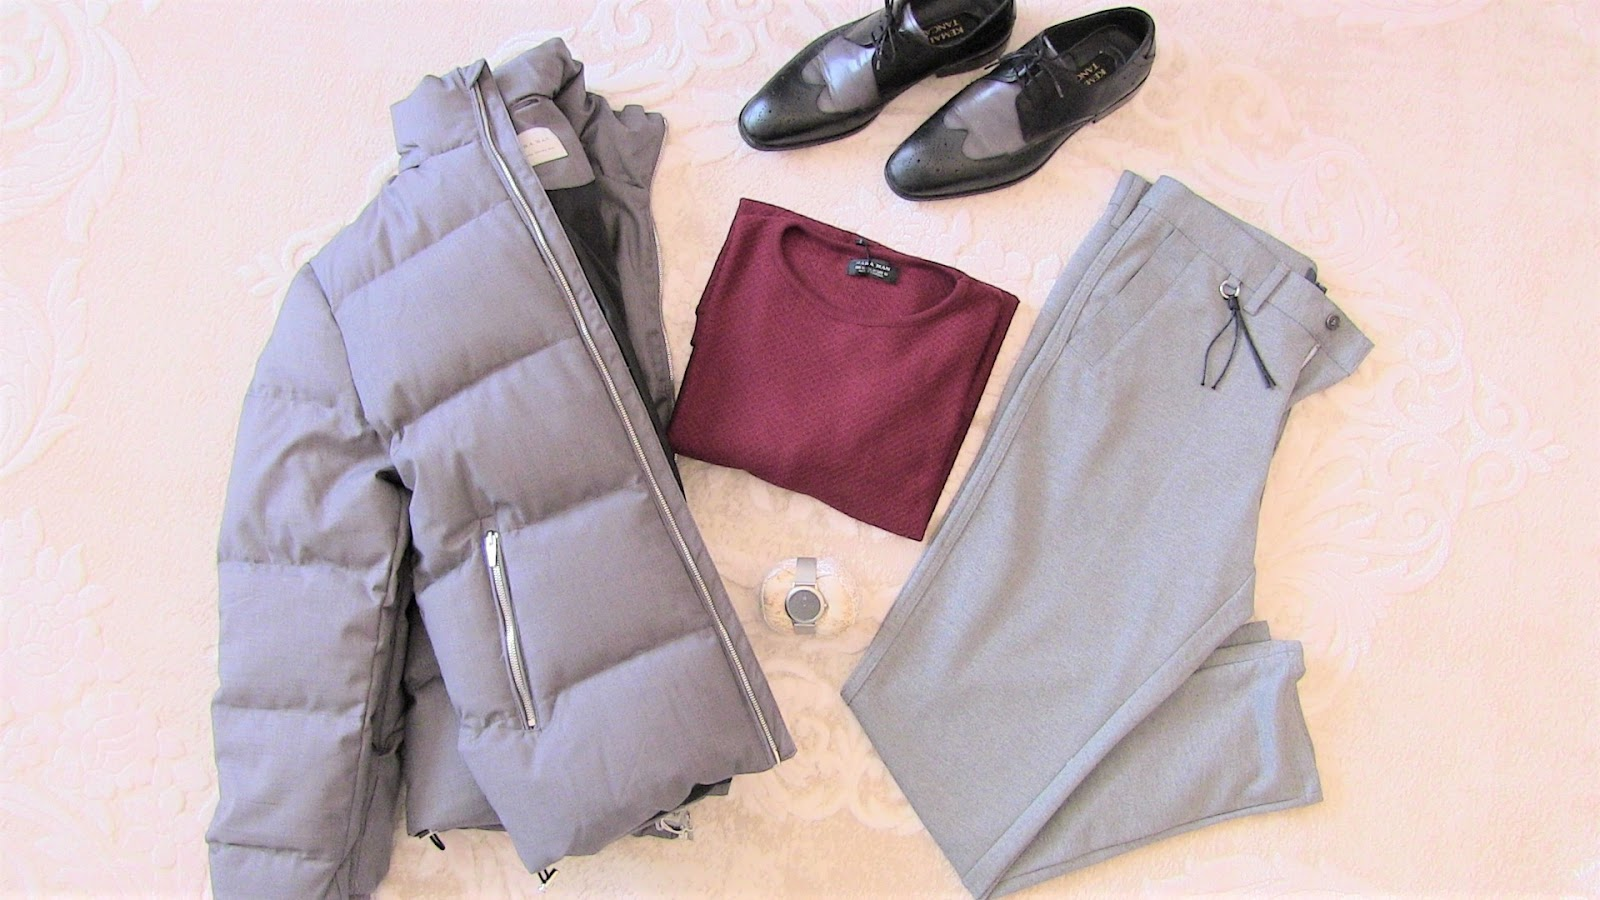 zara gri dolgulu şişme mont, zara gri pantolon, zara ince bordo triko, kemal tanca ayakkabı